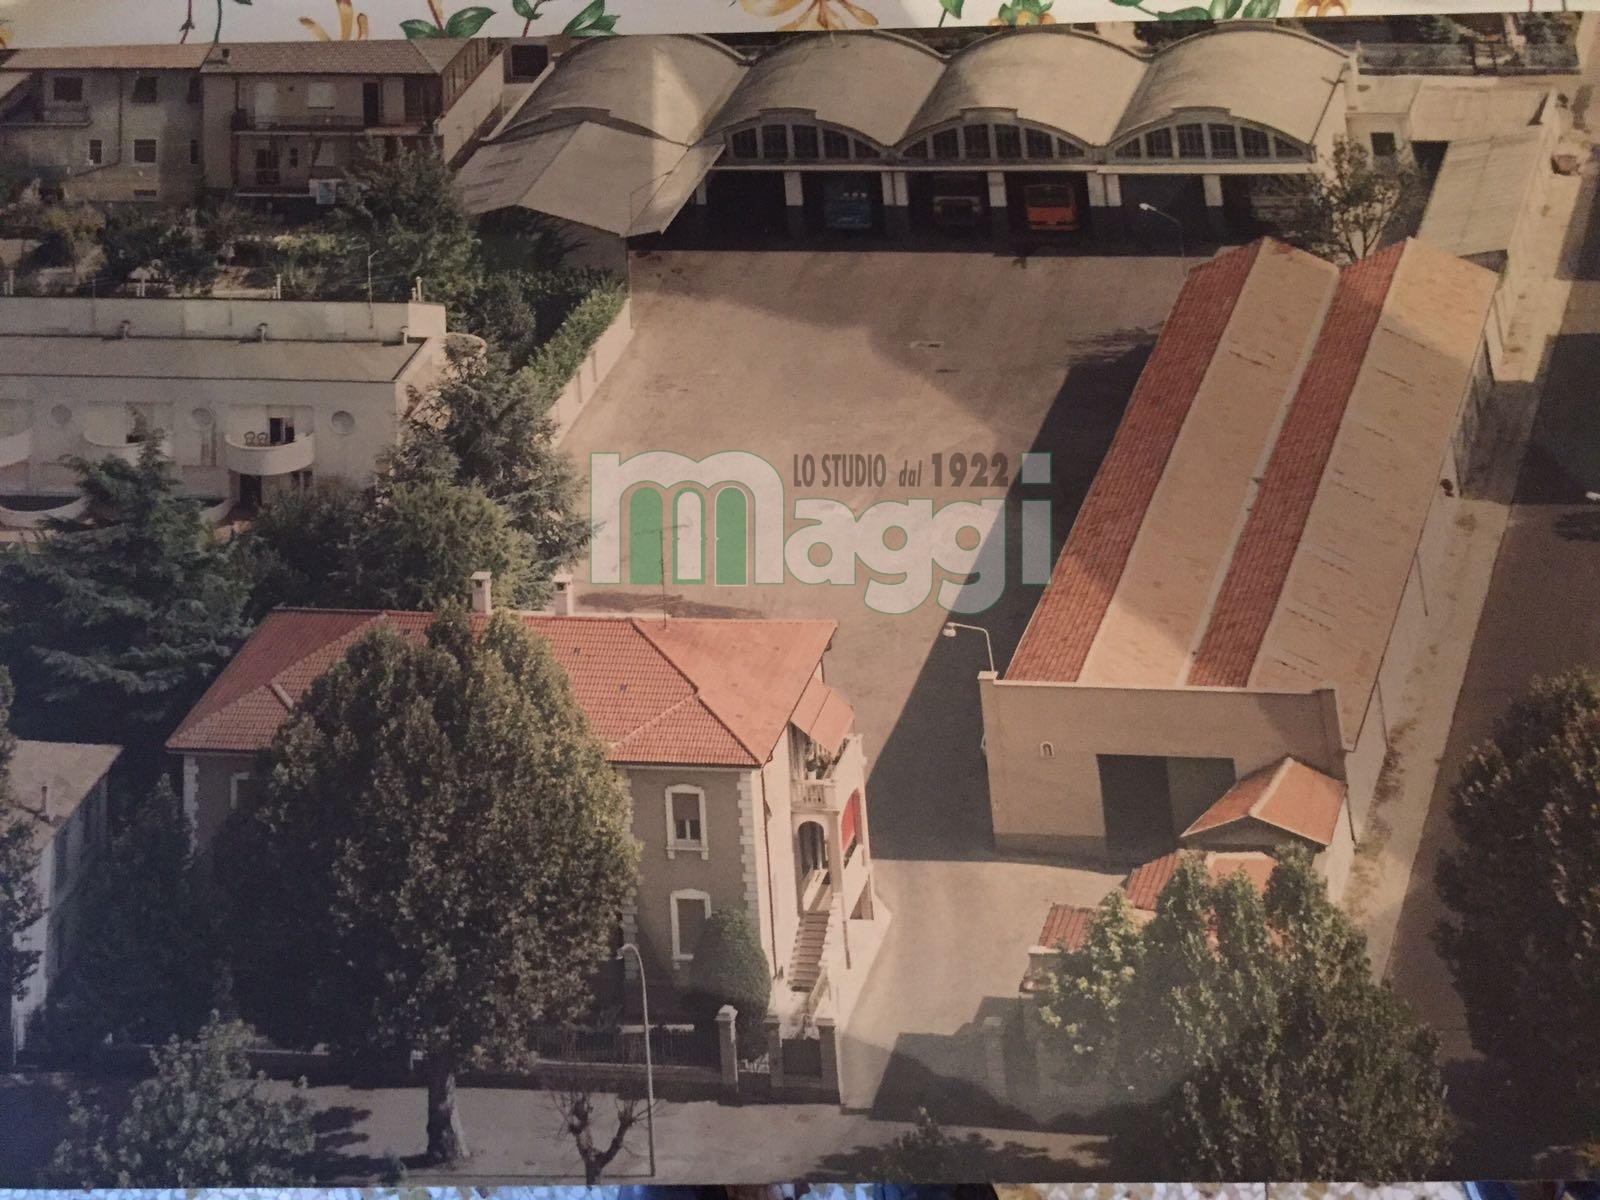 Terreno residenziale in Vendita a Voghera Centro: 3000 mq